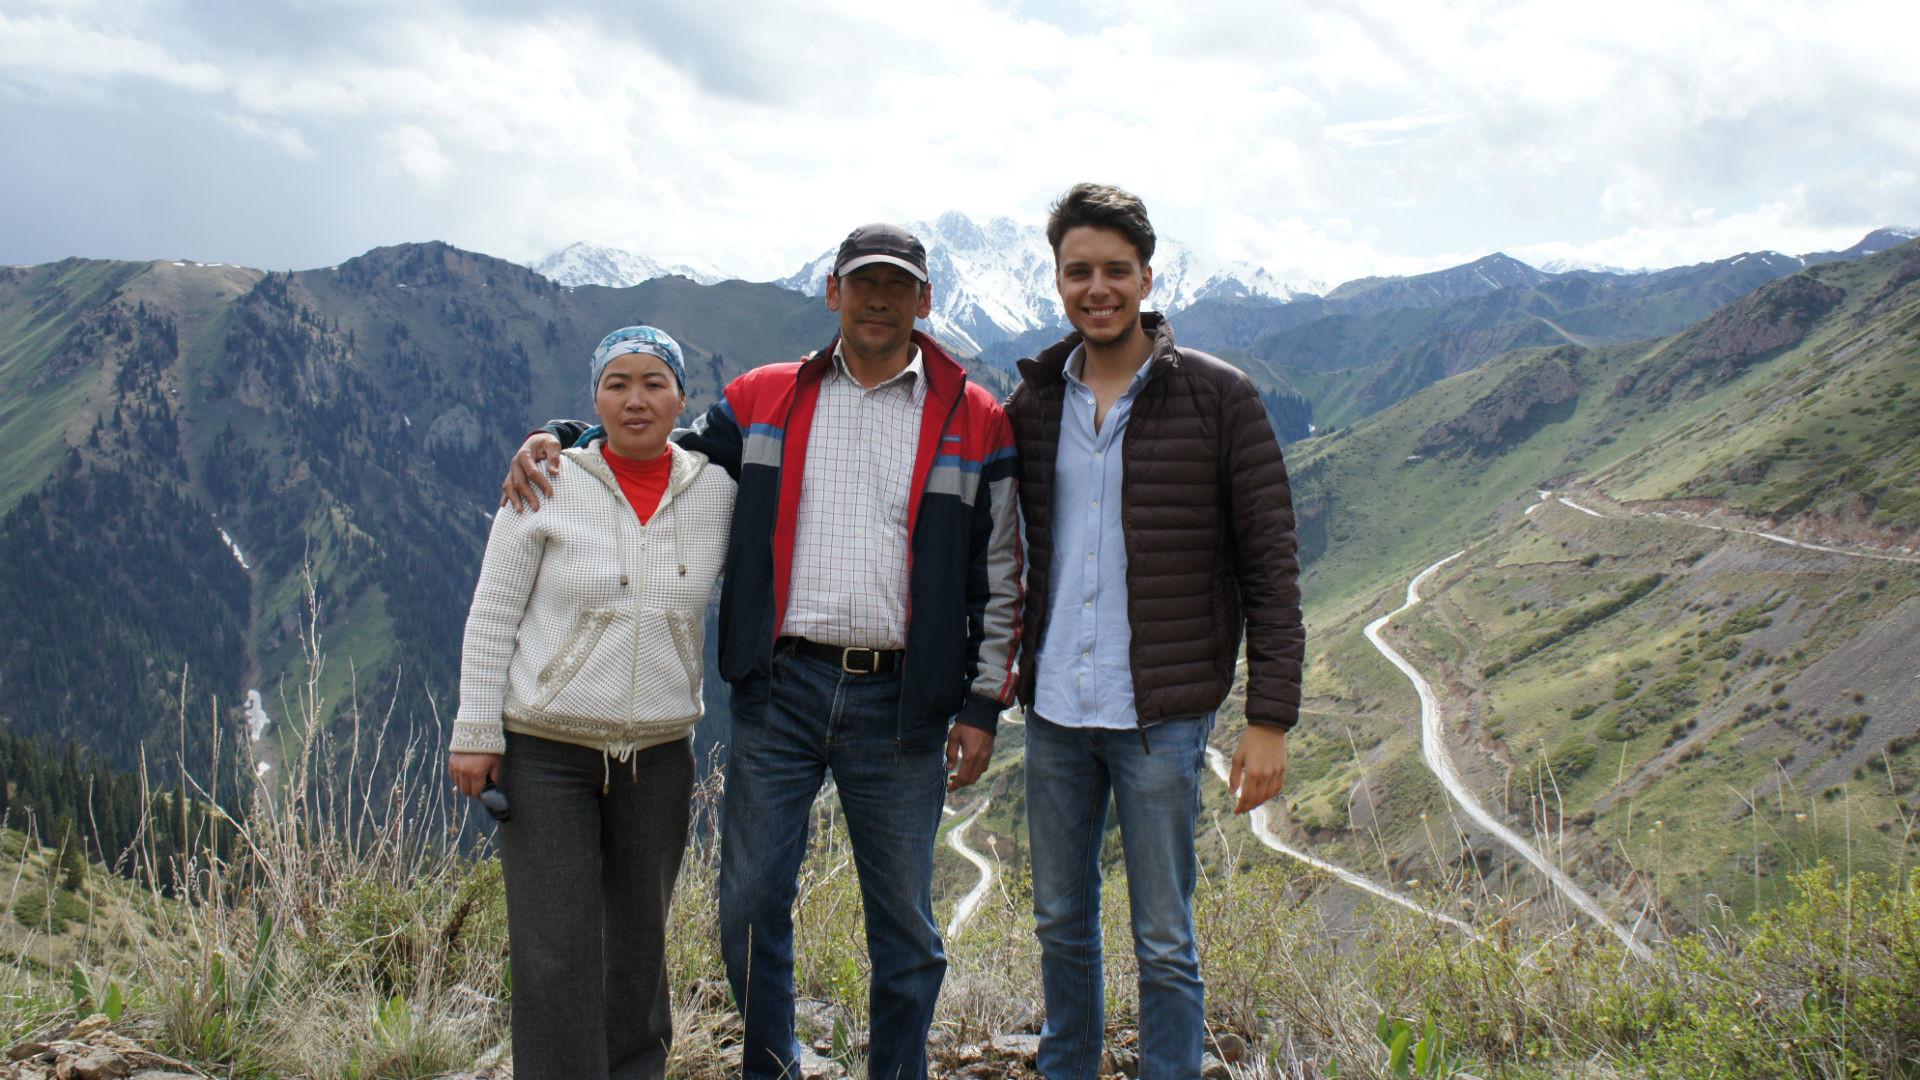 Alexandre dans les montagnes d'Asie centrale.